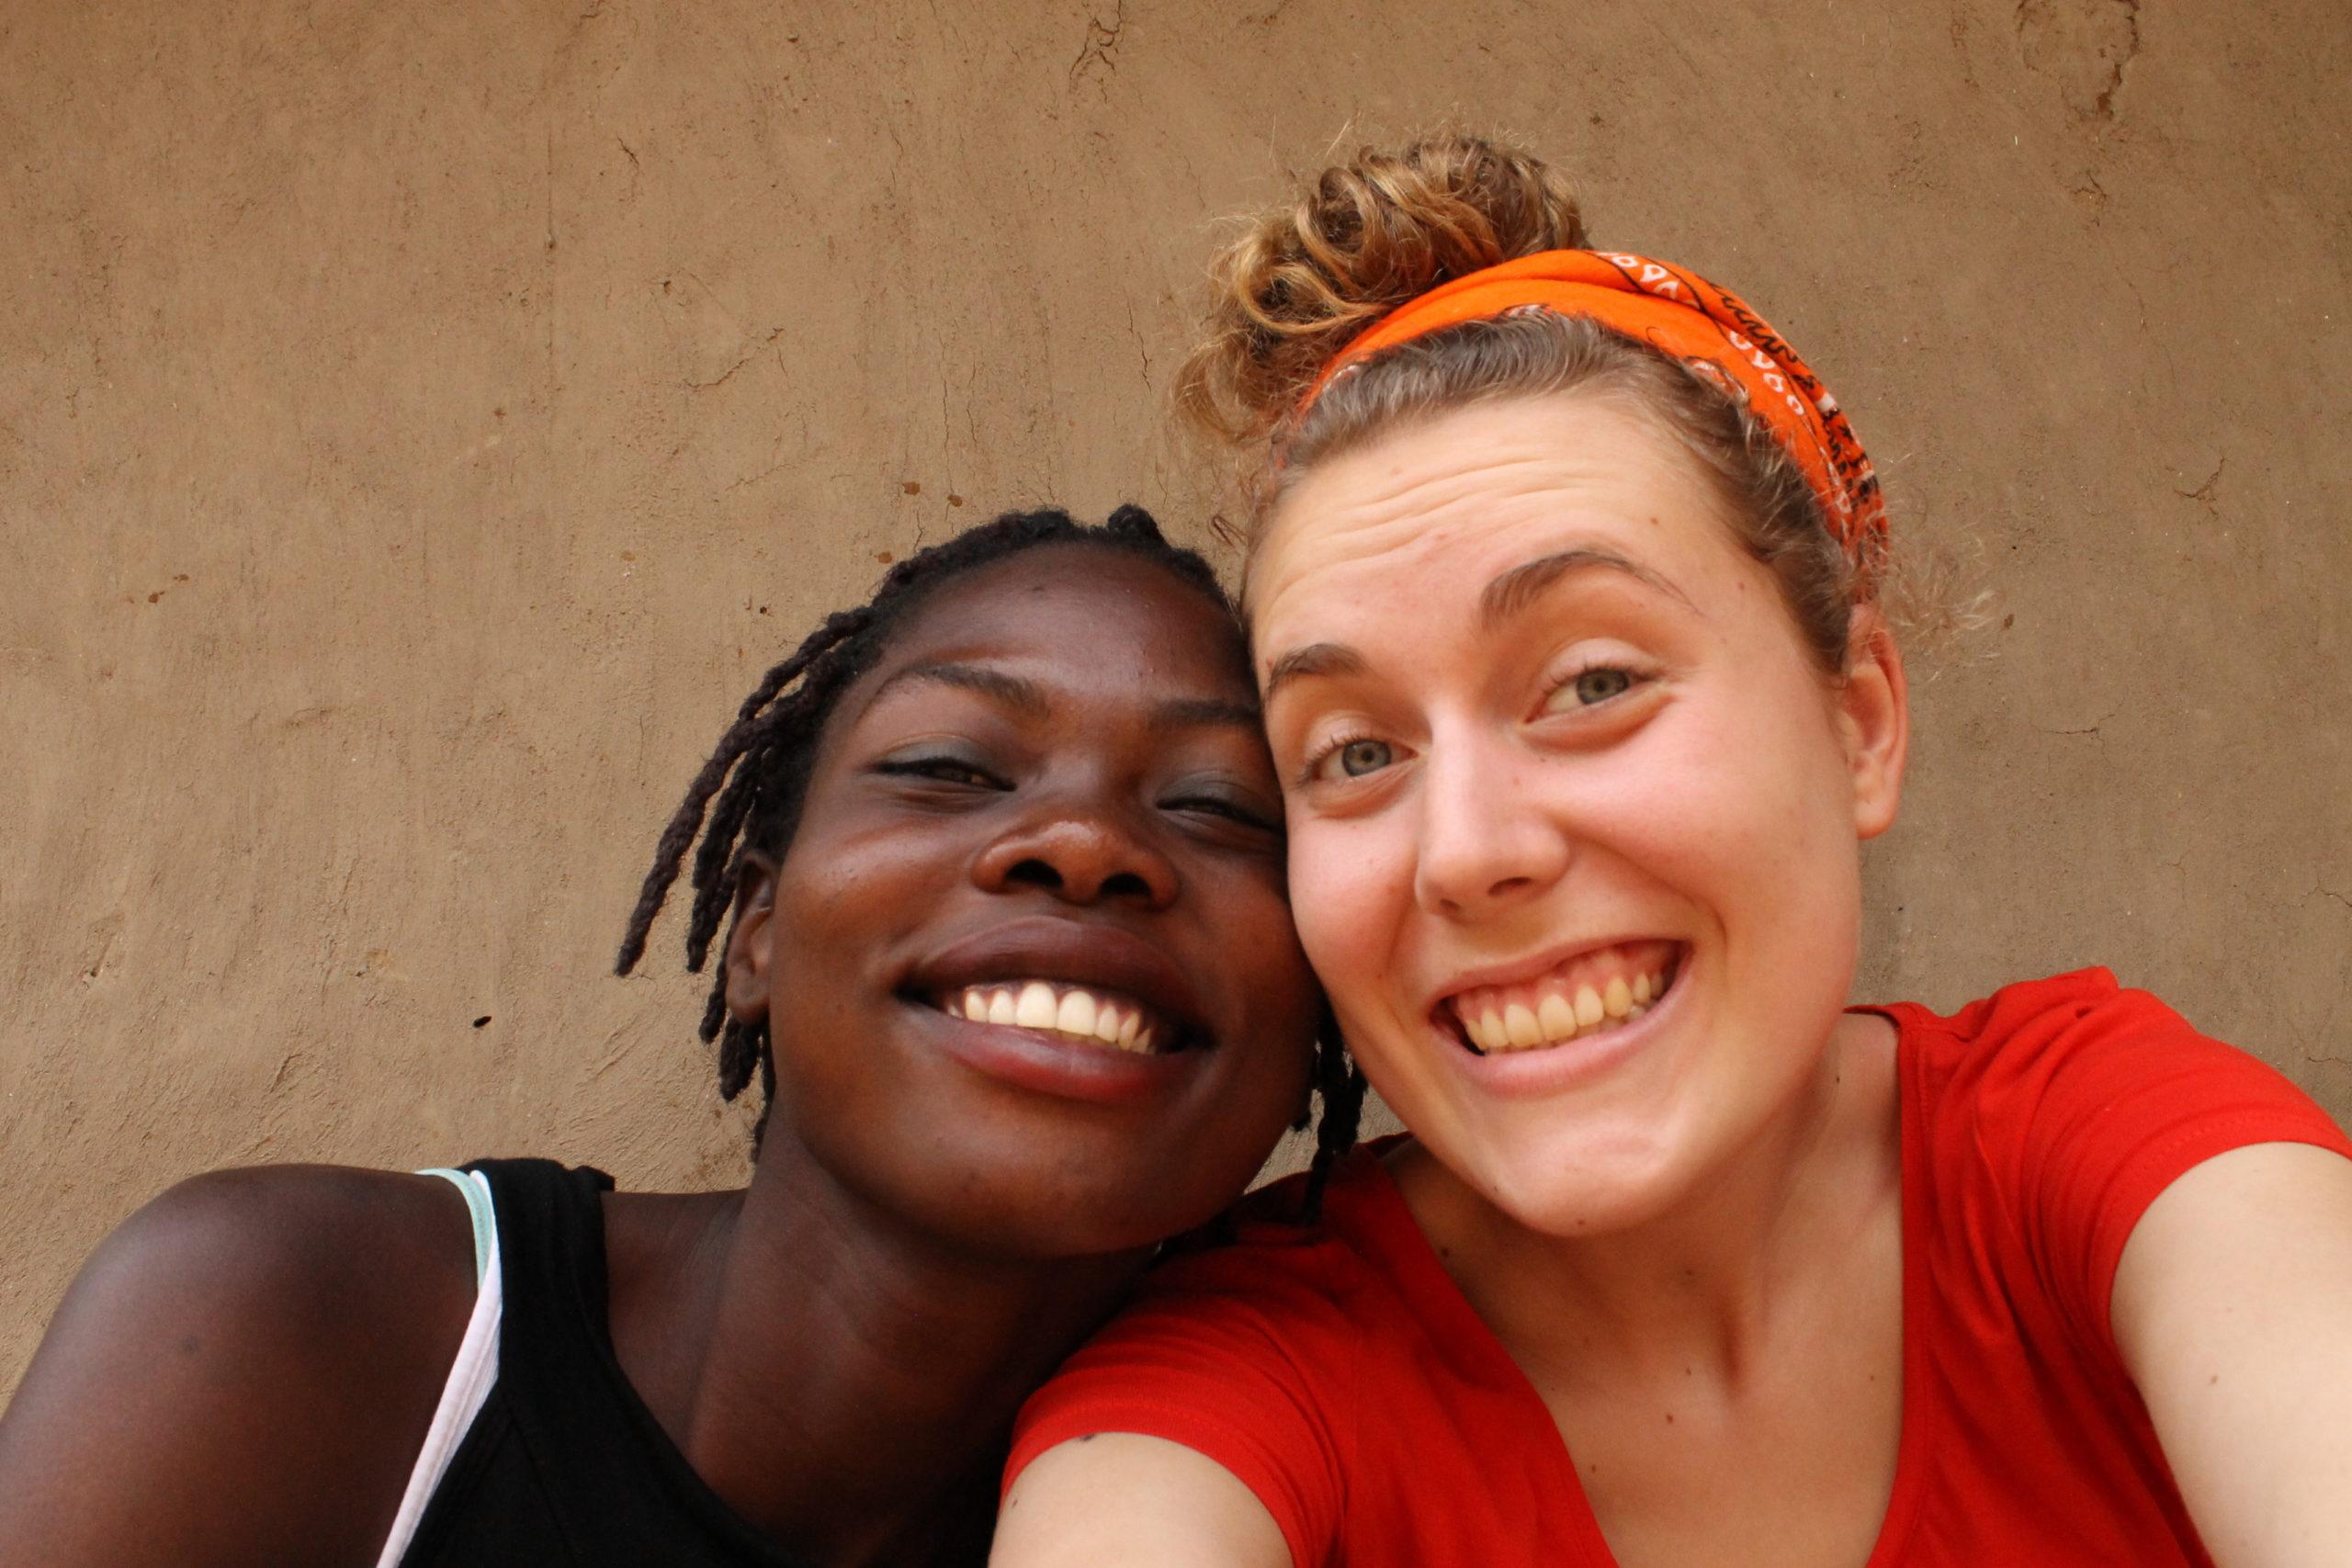 Globaalikasvattaja-mainos, jossa kaksi naista hymyilee